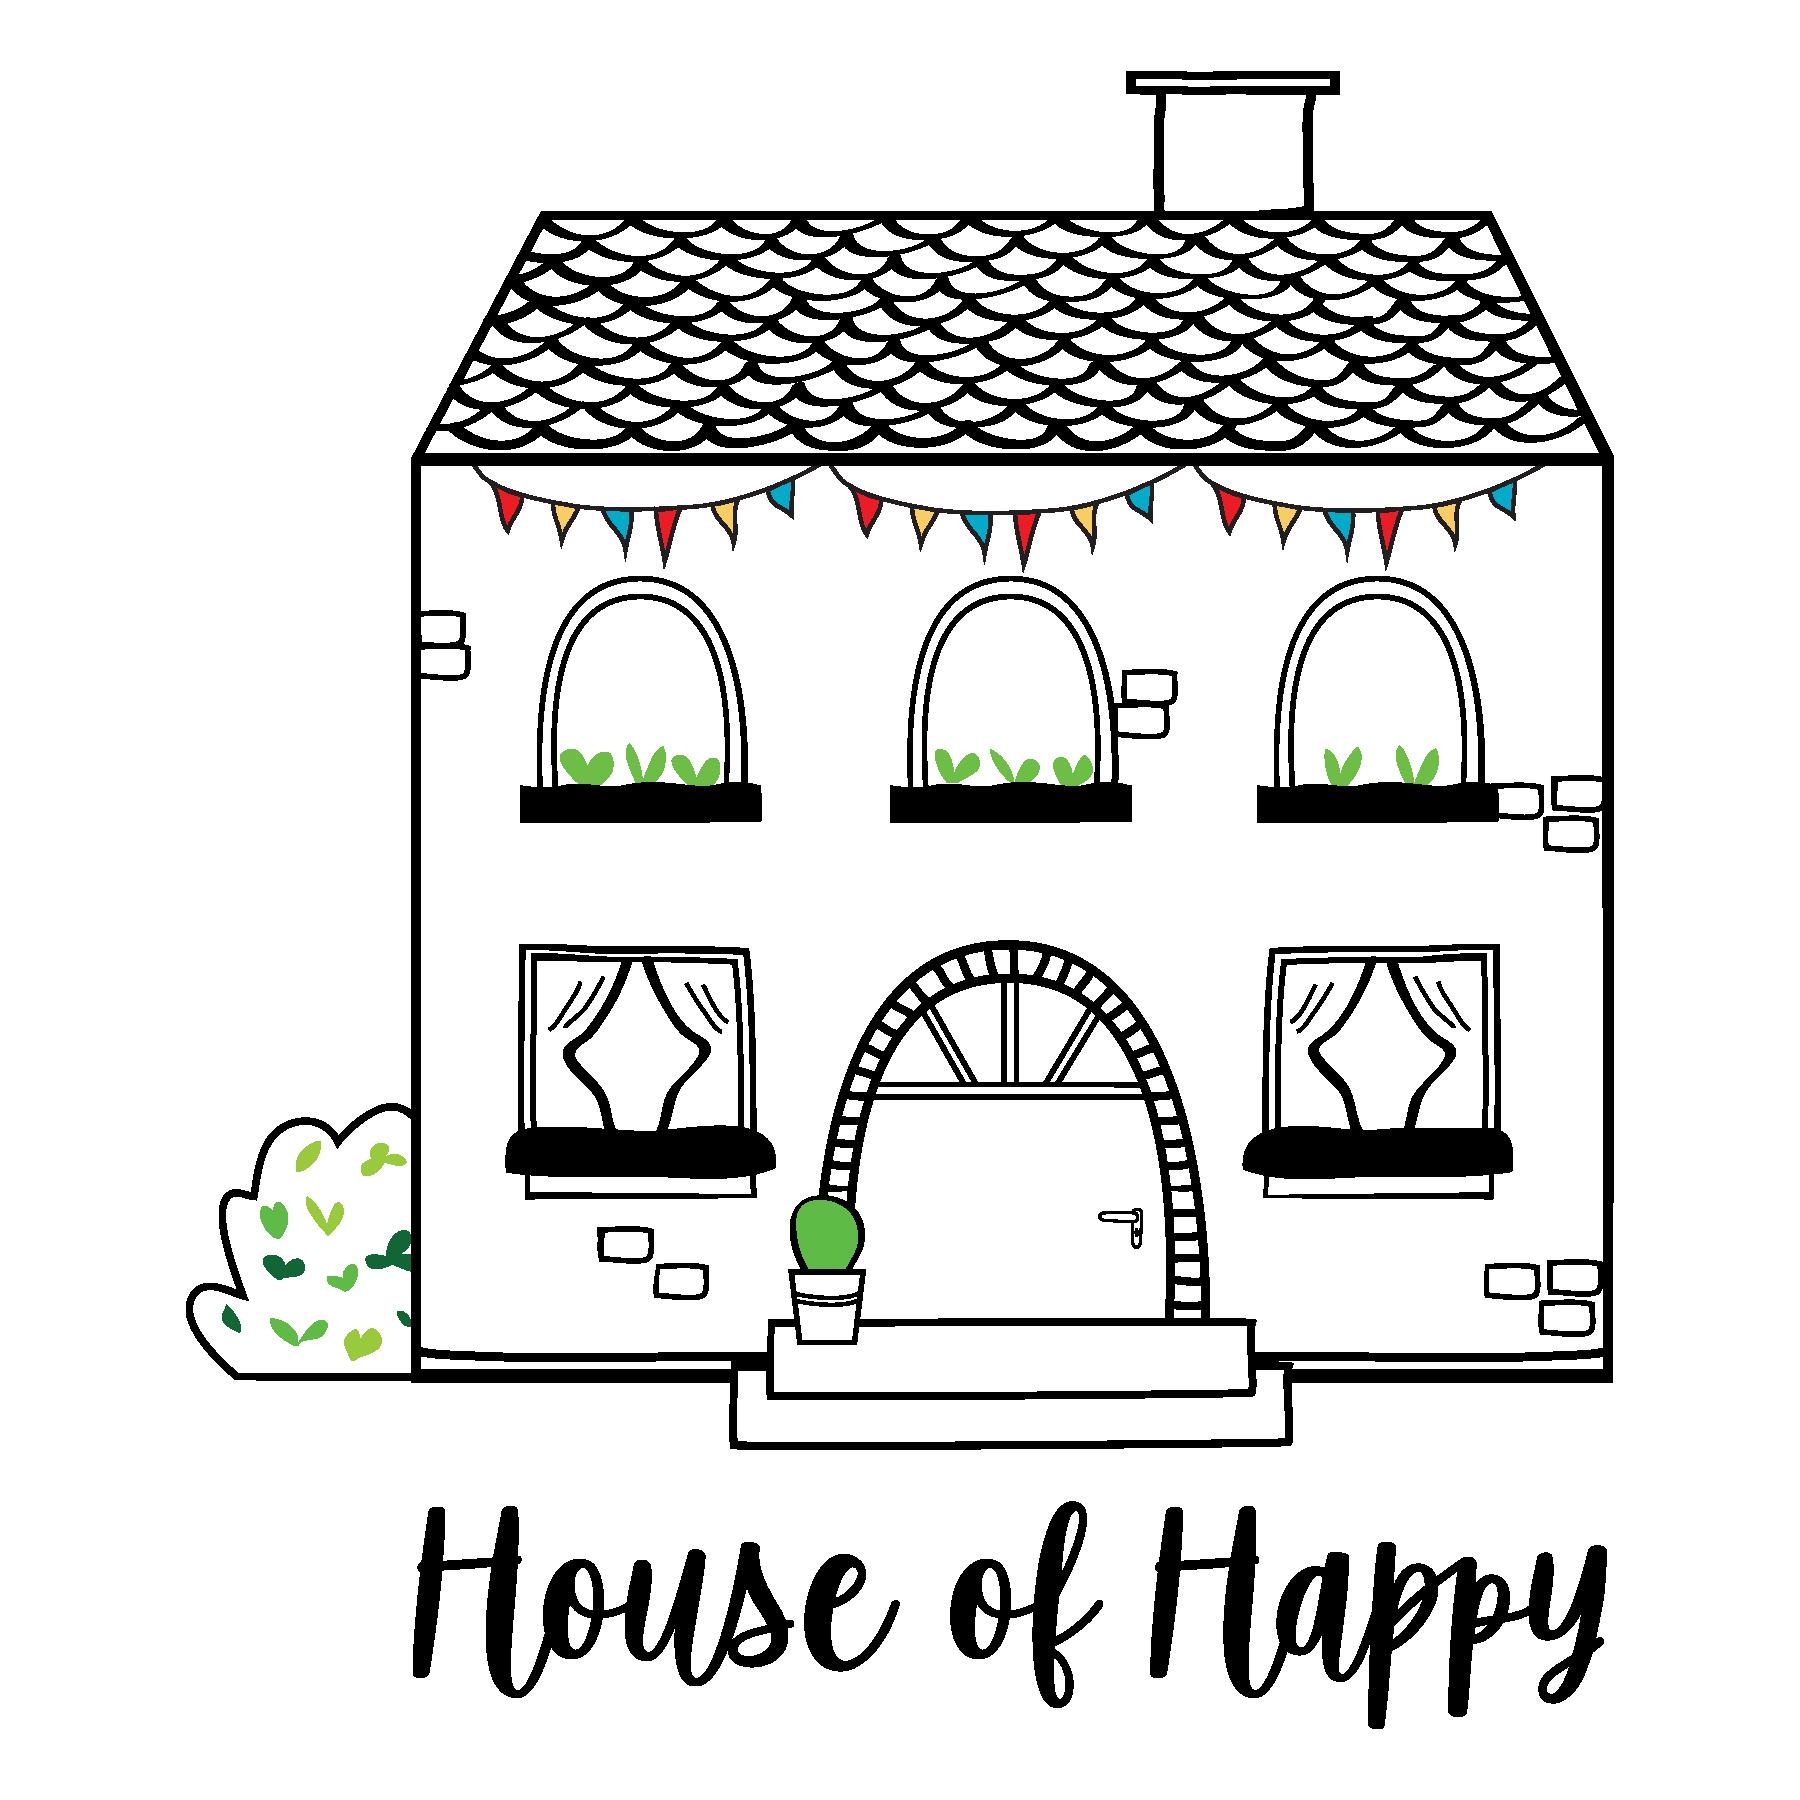 House of Happy